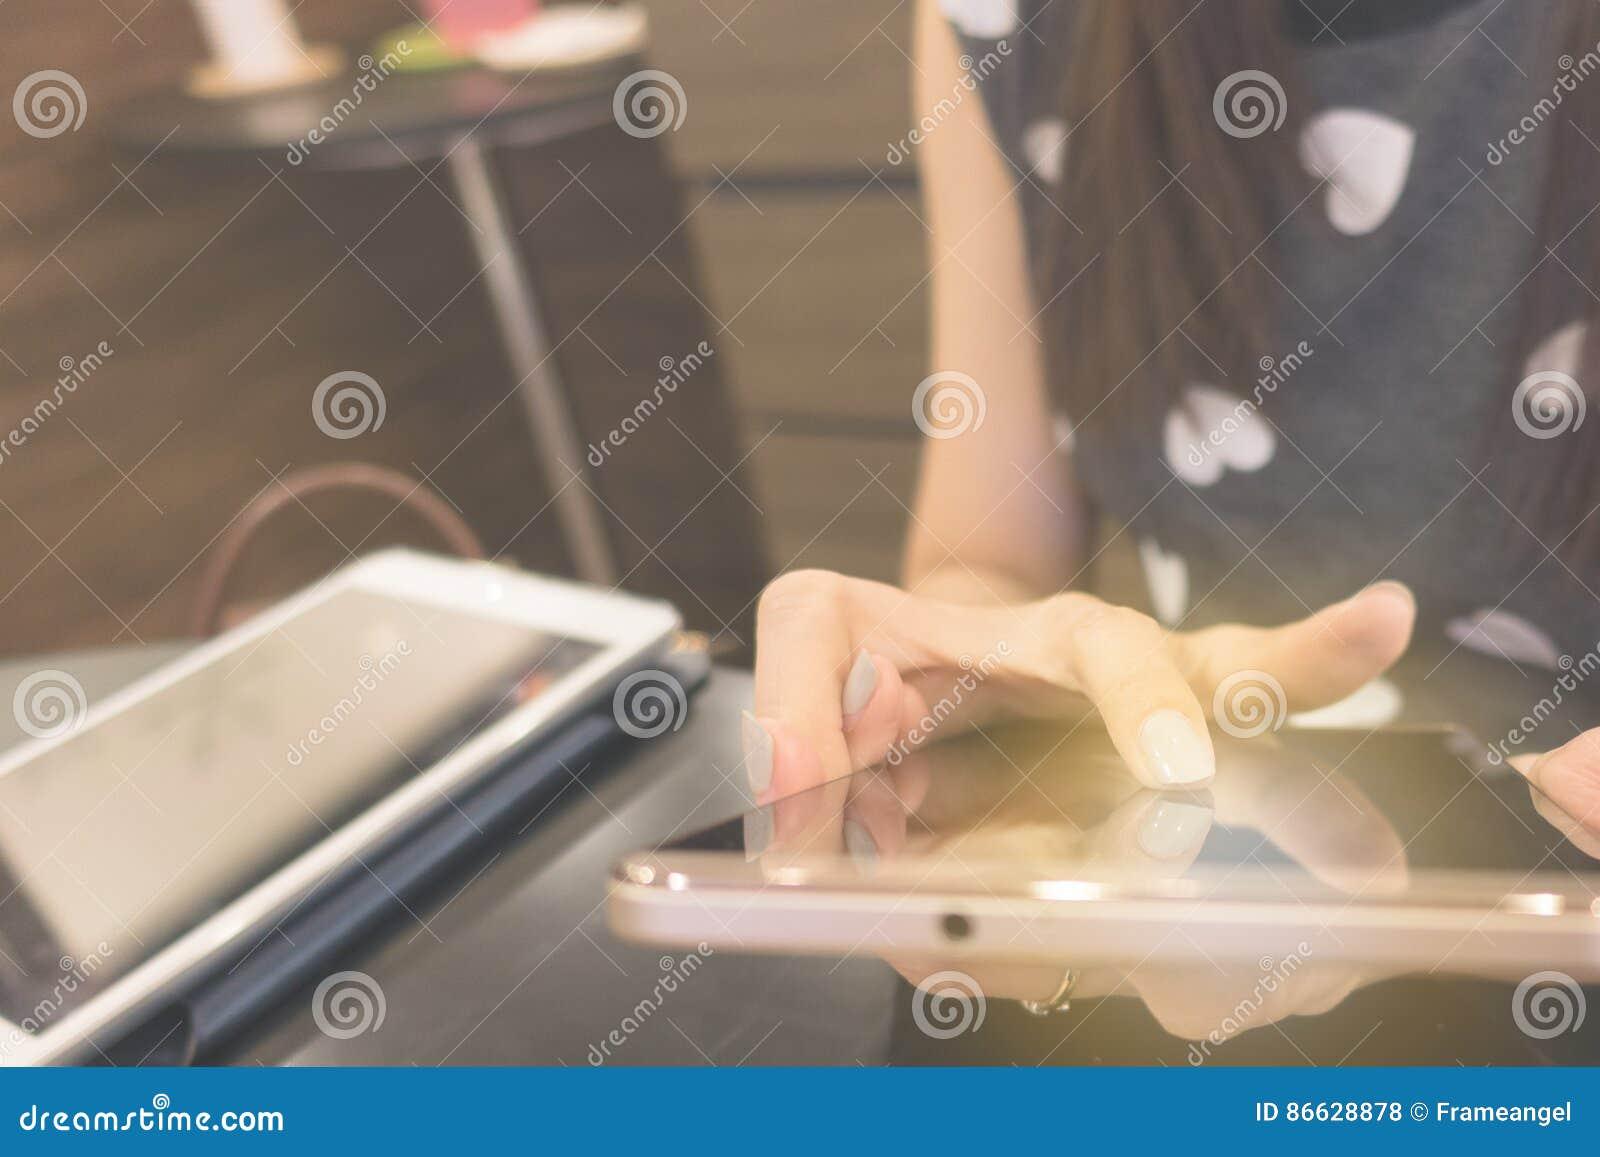 Telefono cellulare di uso della mano della donna per collegamento a Internet o acquisto